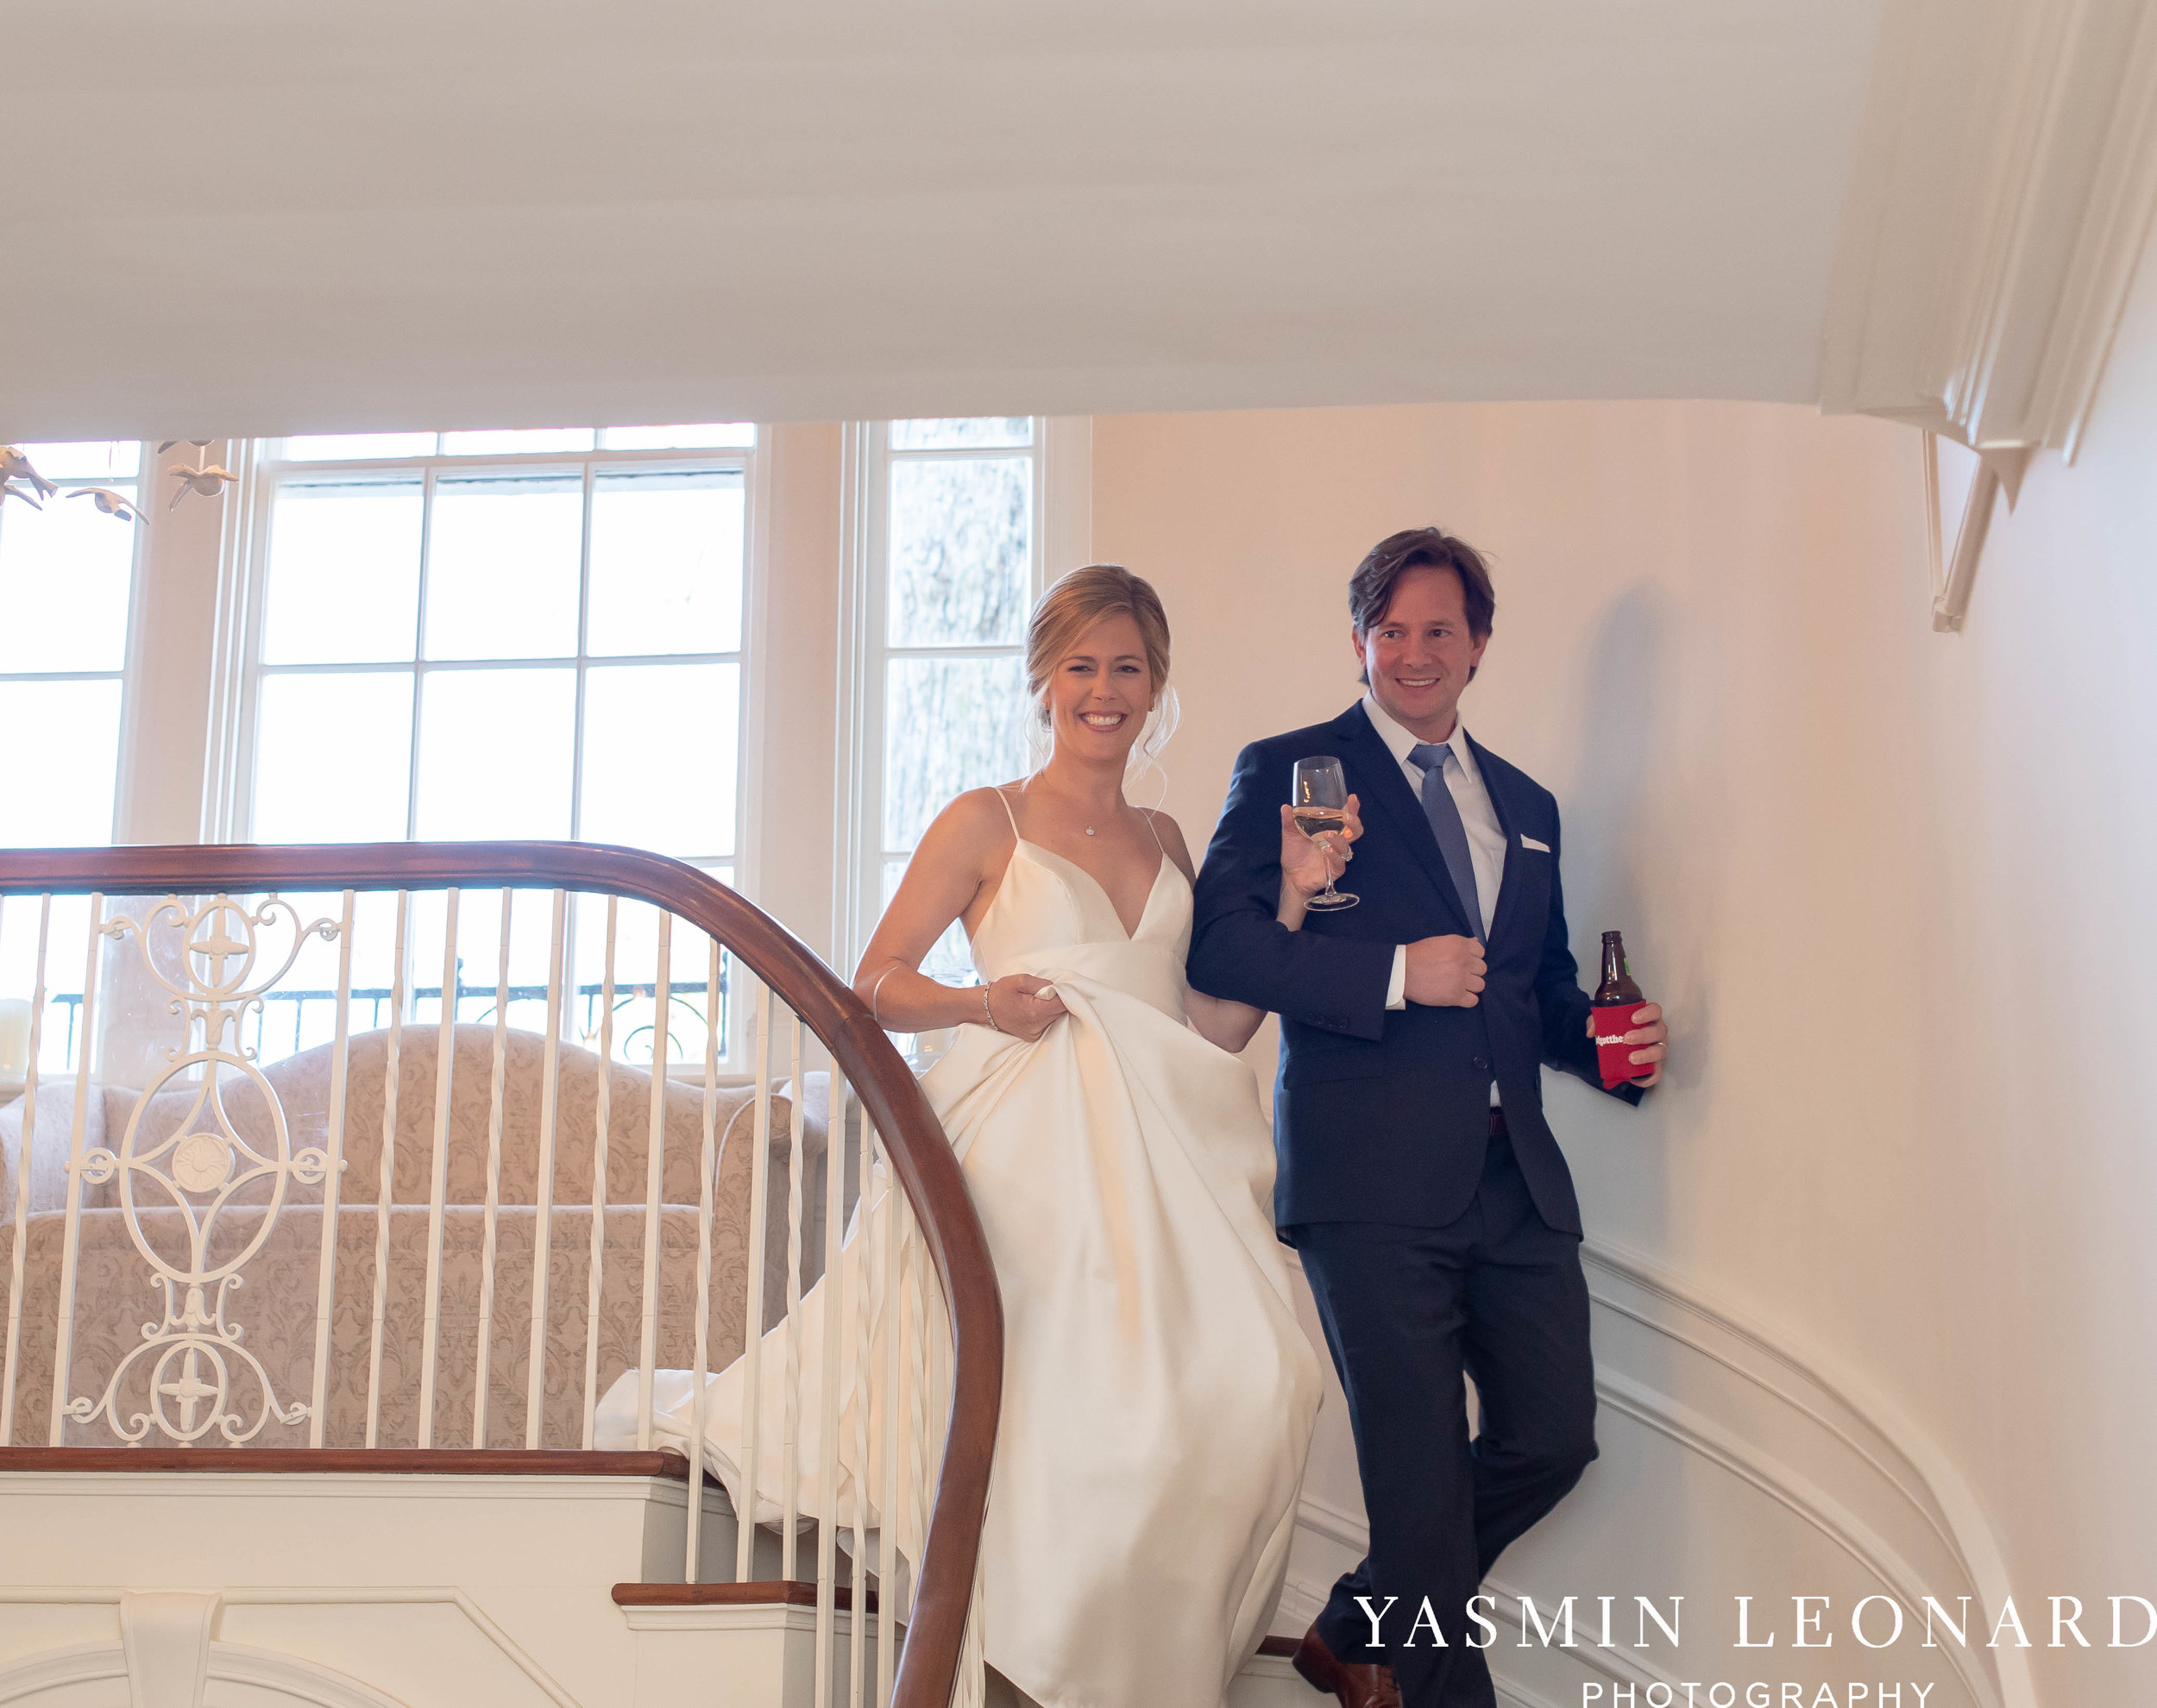 Wesley Memorial United Methodist Church - EmeryWood - High Point Weddings - High Point Wedding Photographer - NC Wedding Photographer - Yasmin Leonard Photography-50.jpg